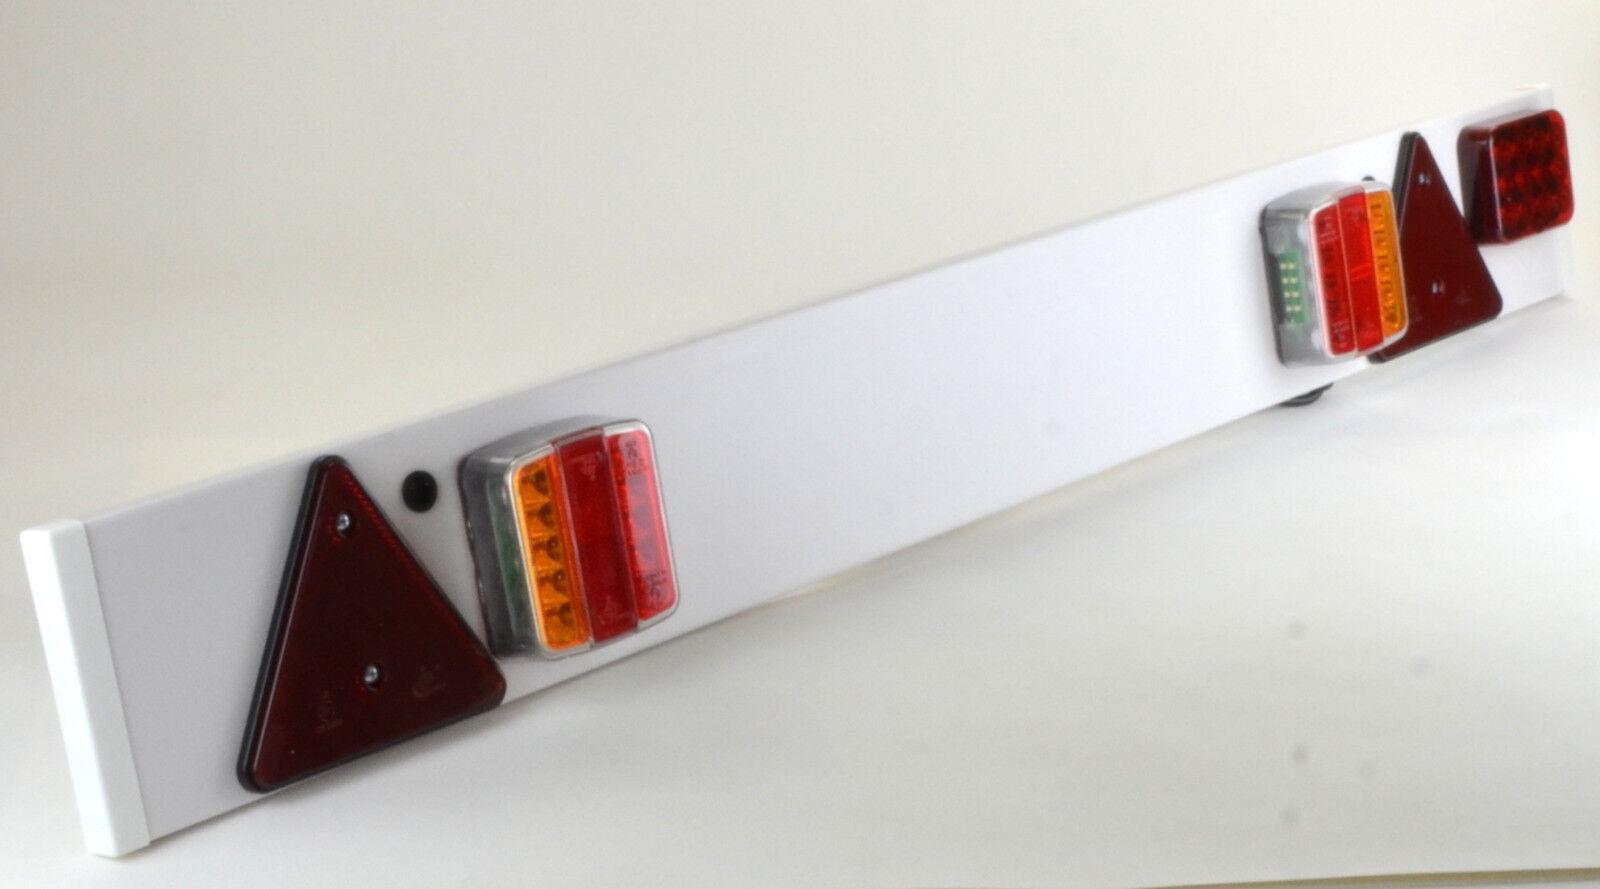 led r ckleuchten set 7 polig magnet verkabelt pkw. Black Bedroom Furniture Sets. Home Design Ideas